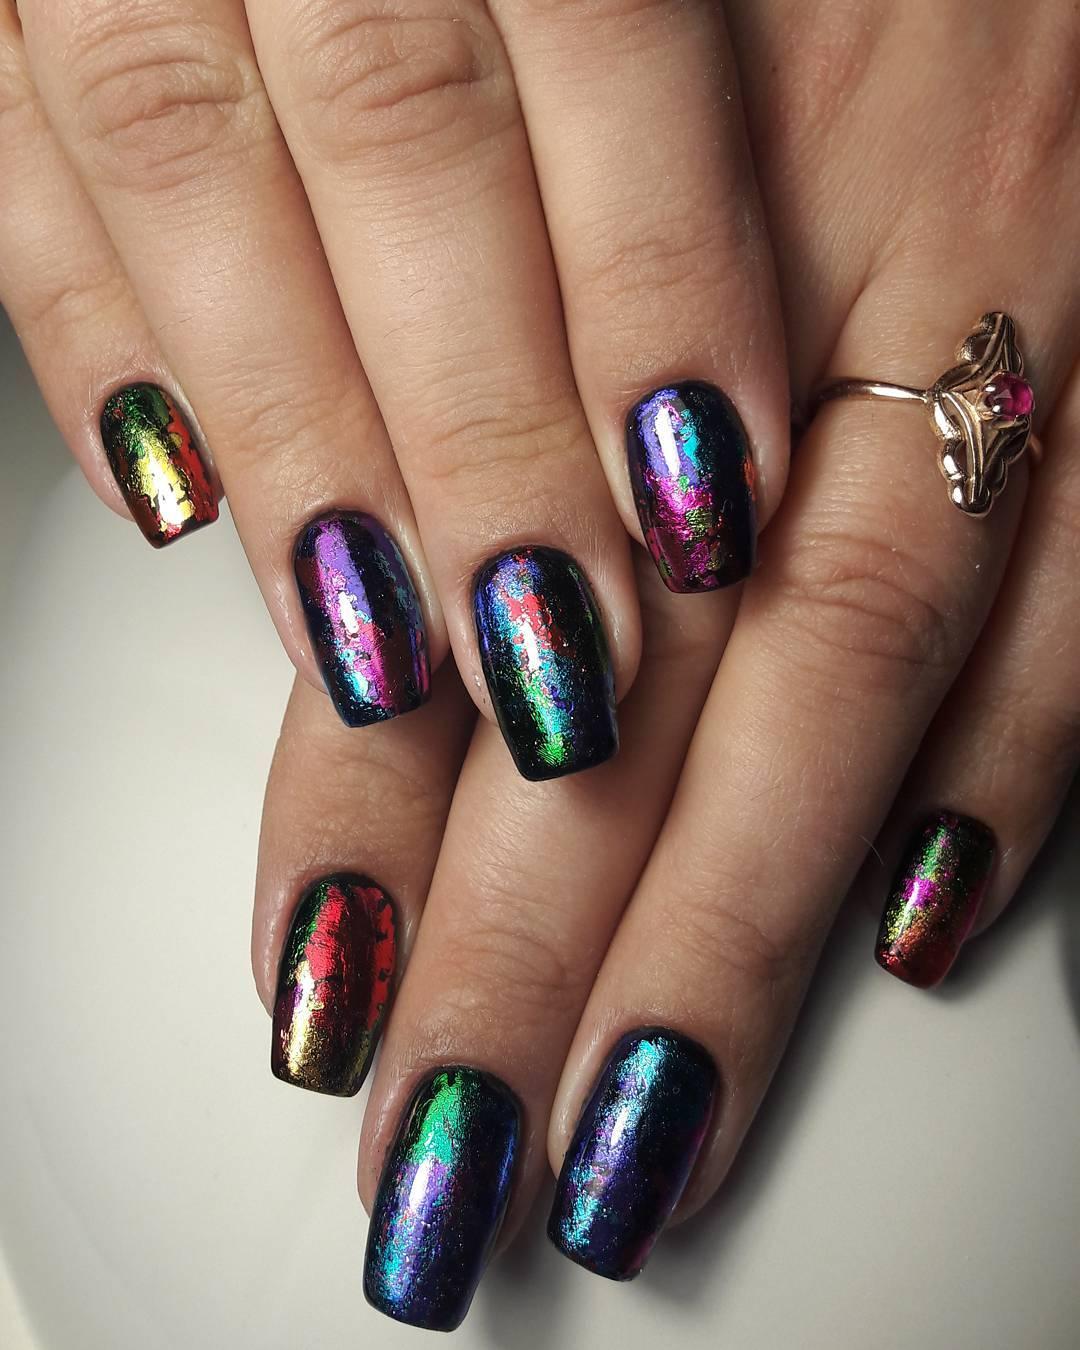 Дизайн ногтей с фольгой — 10 идей модного маникюра с фото